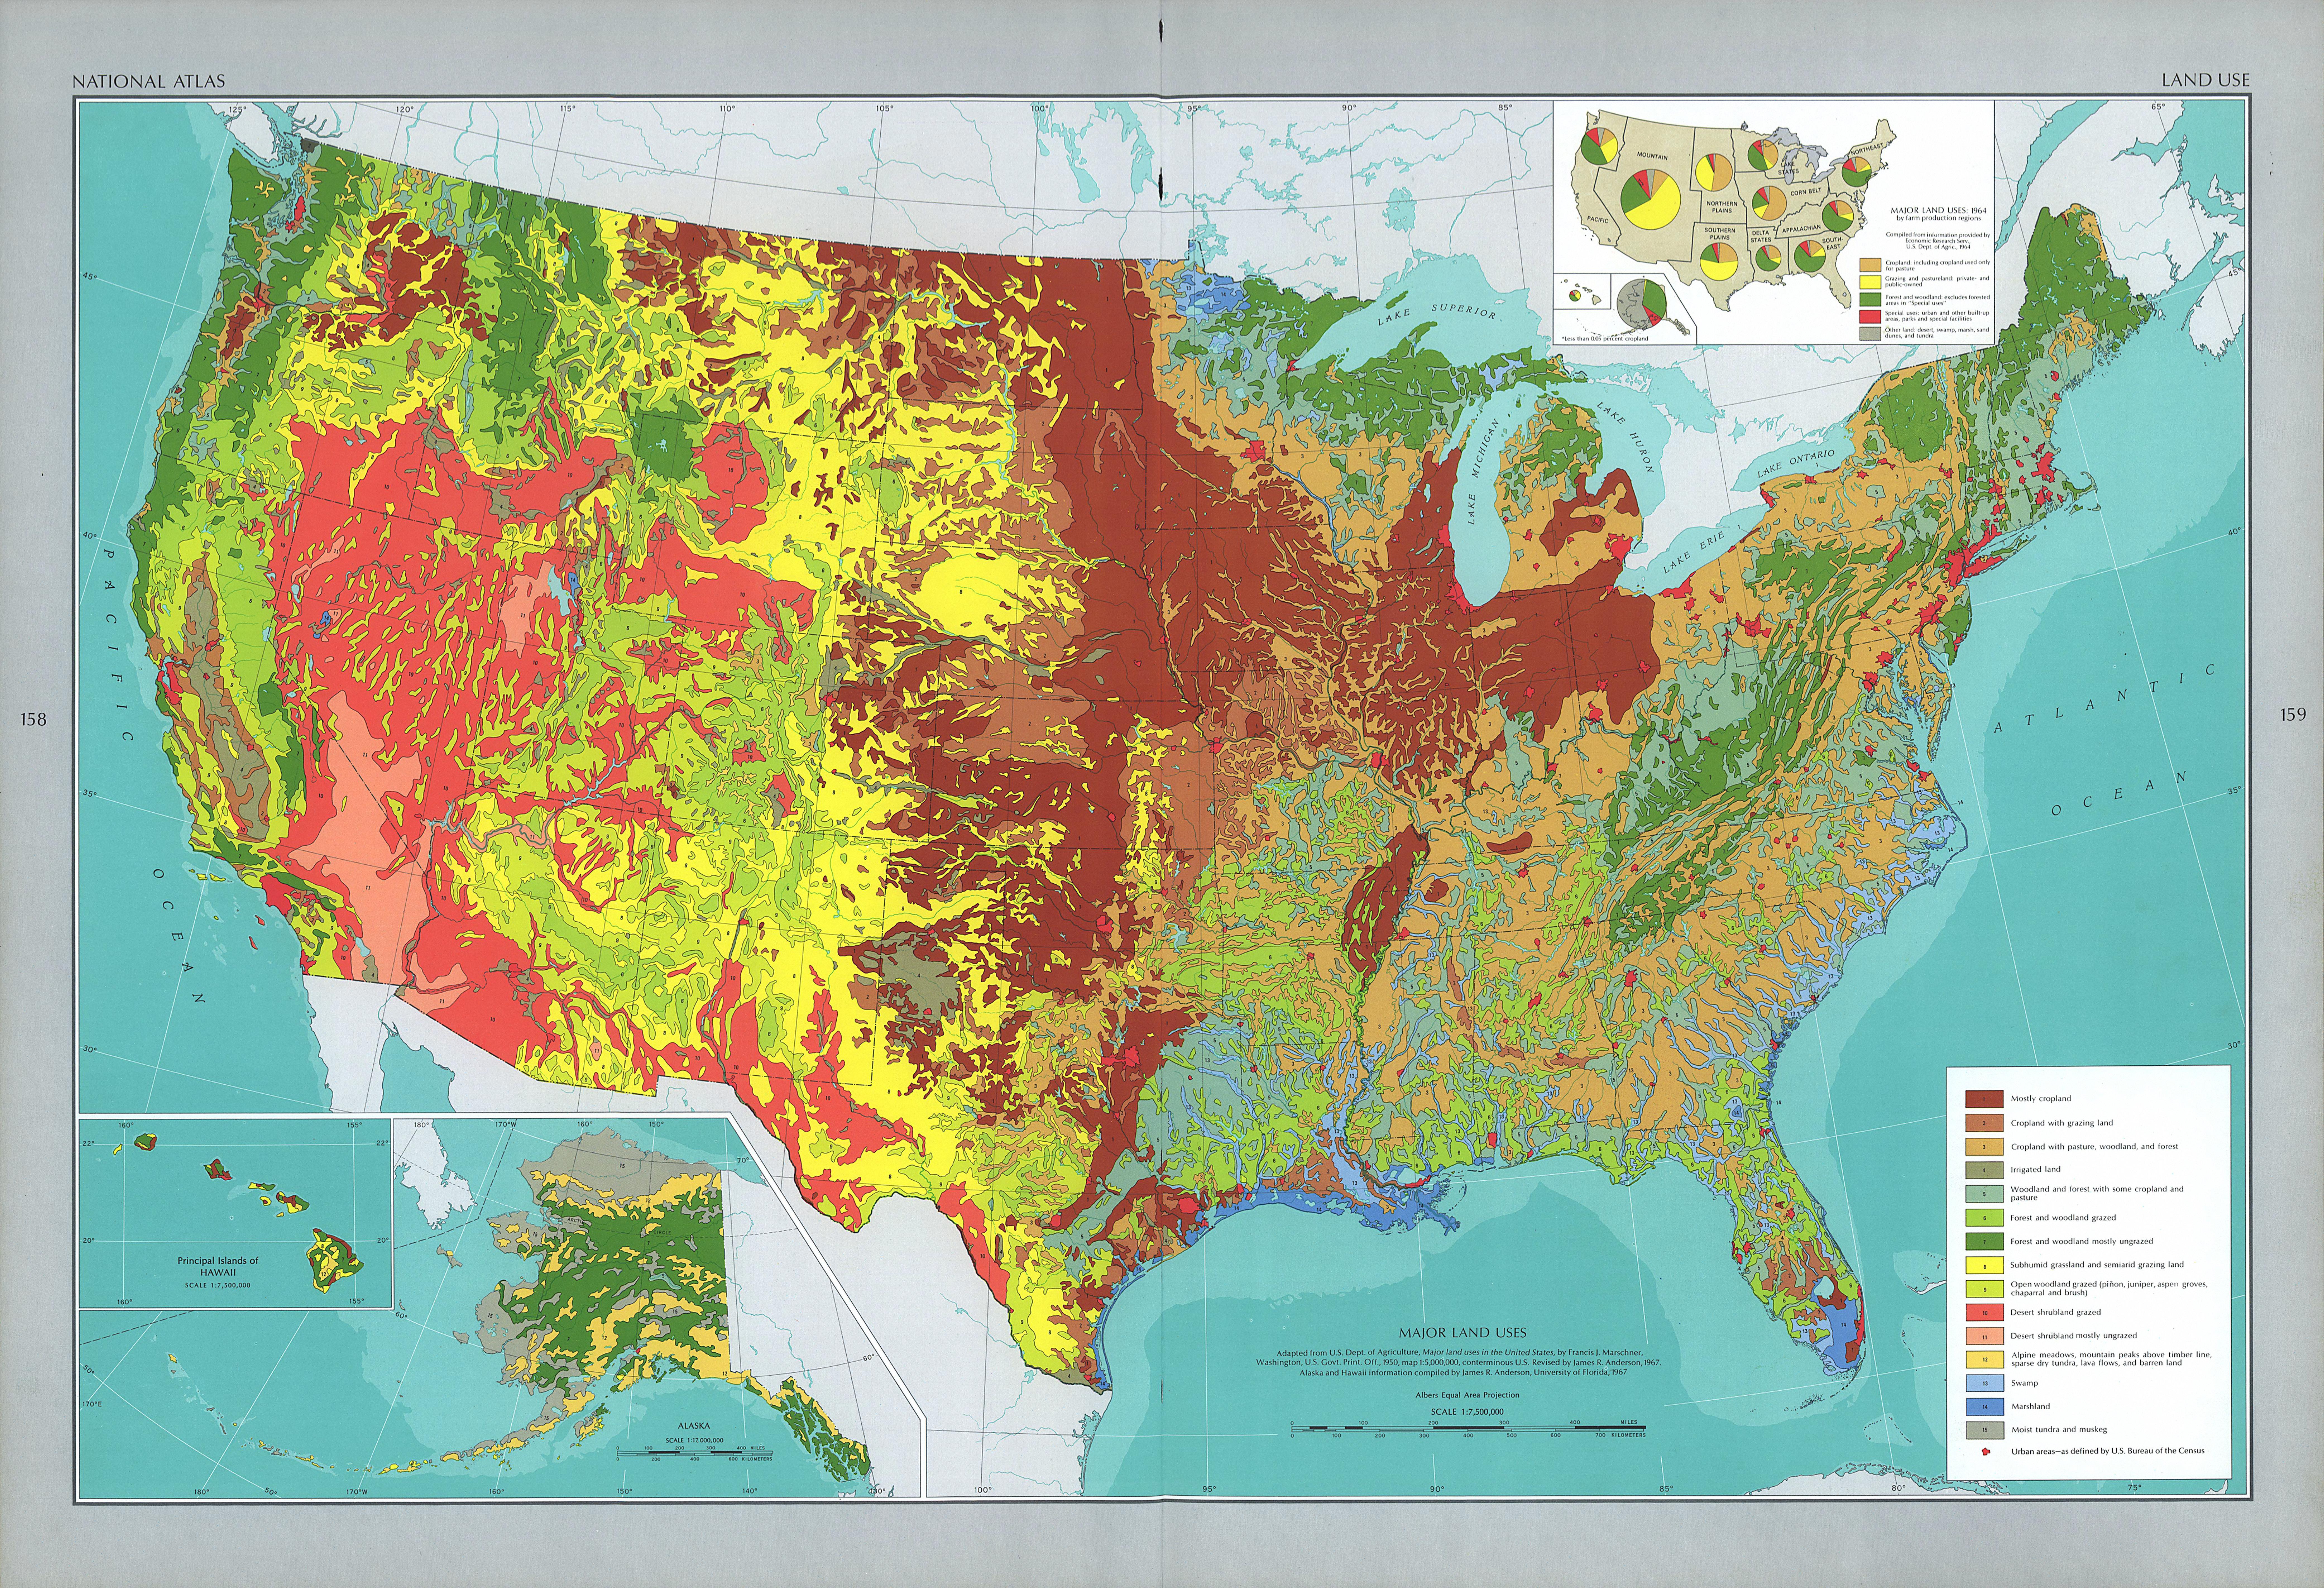 Mapa de los Principales Usos de la Tierra en Estados Unidos